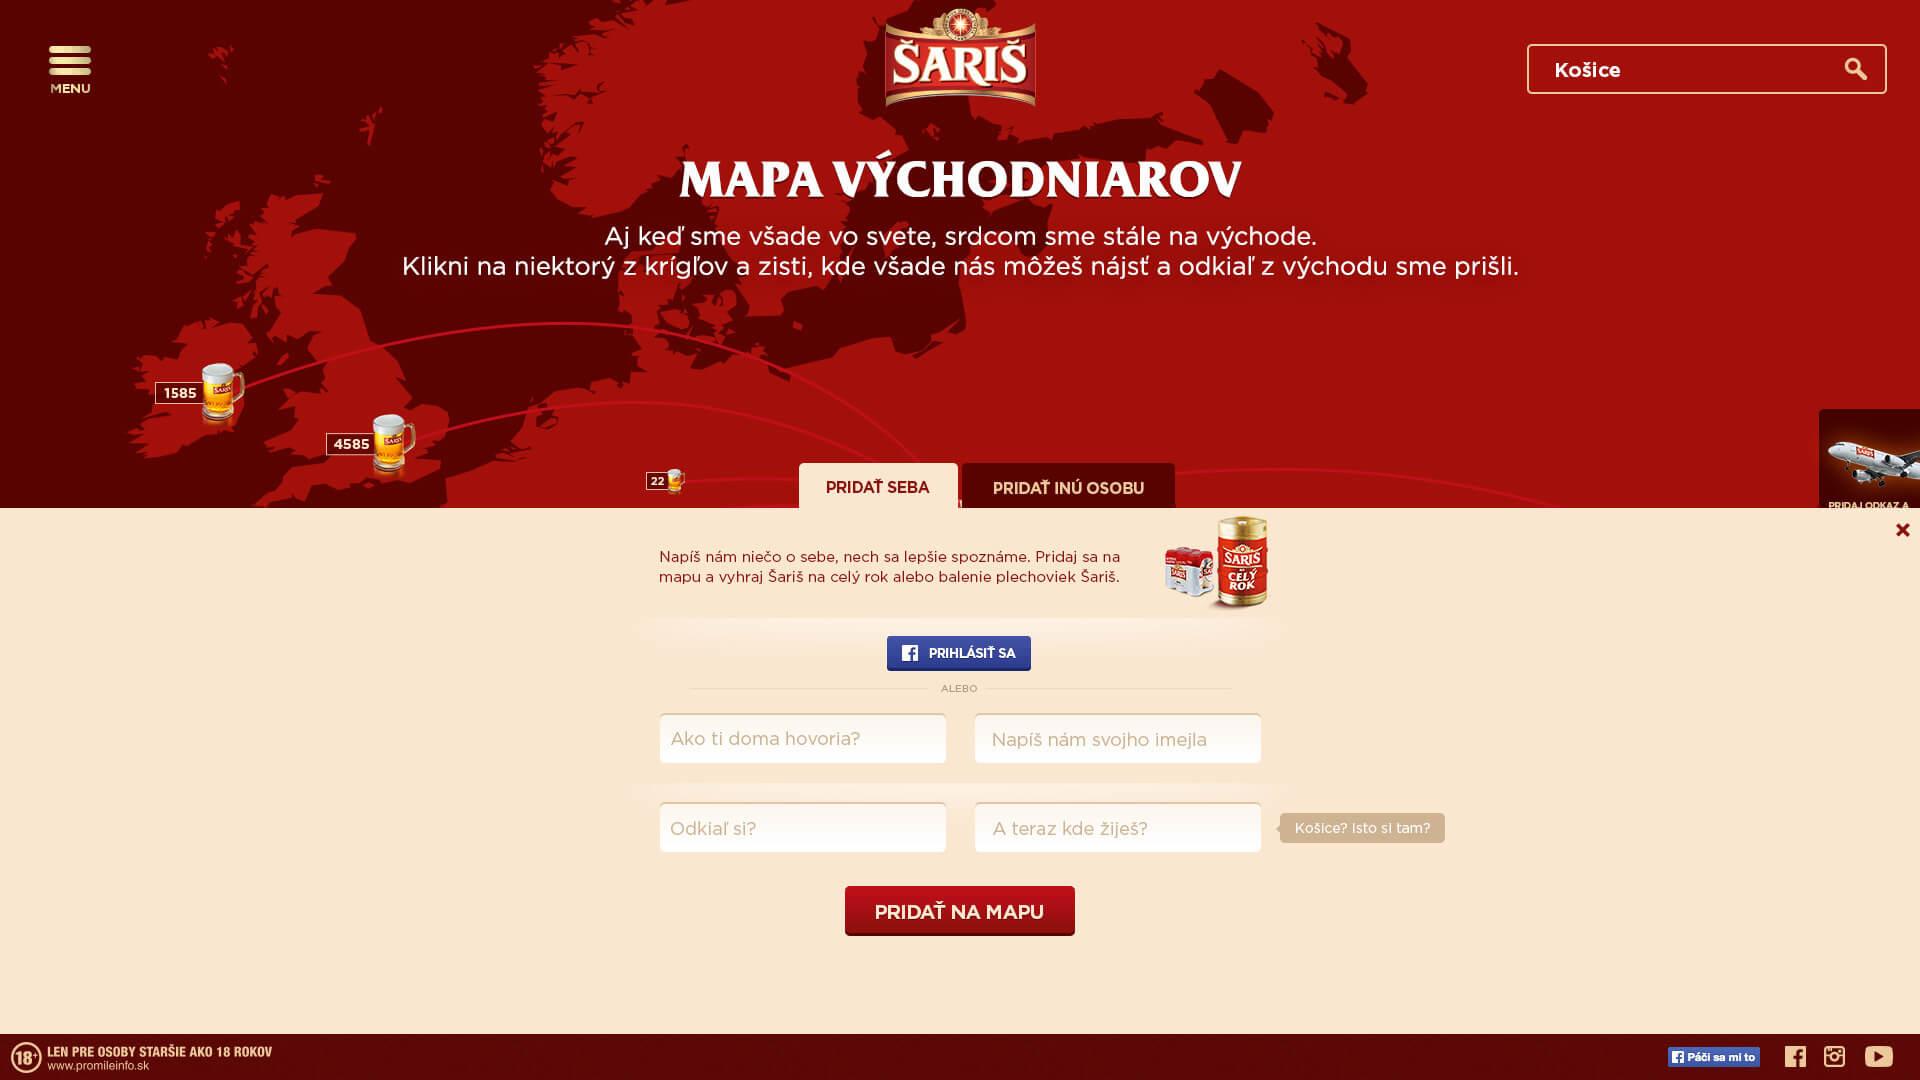 saris web